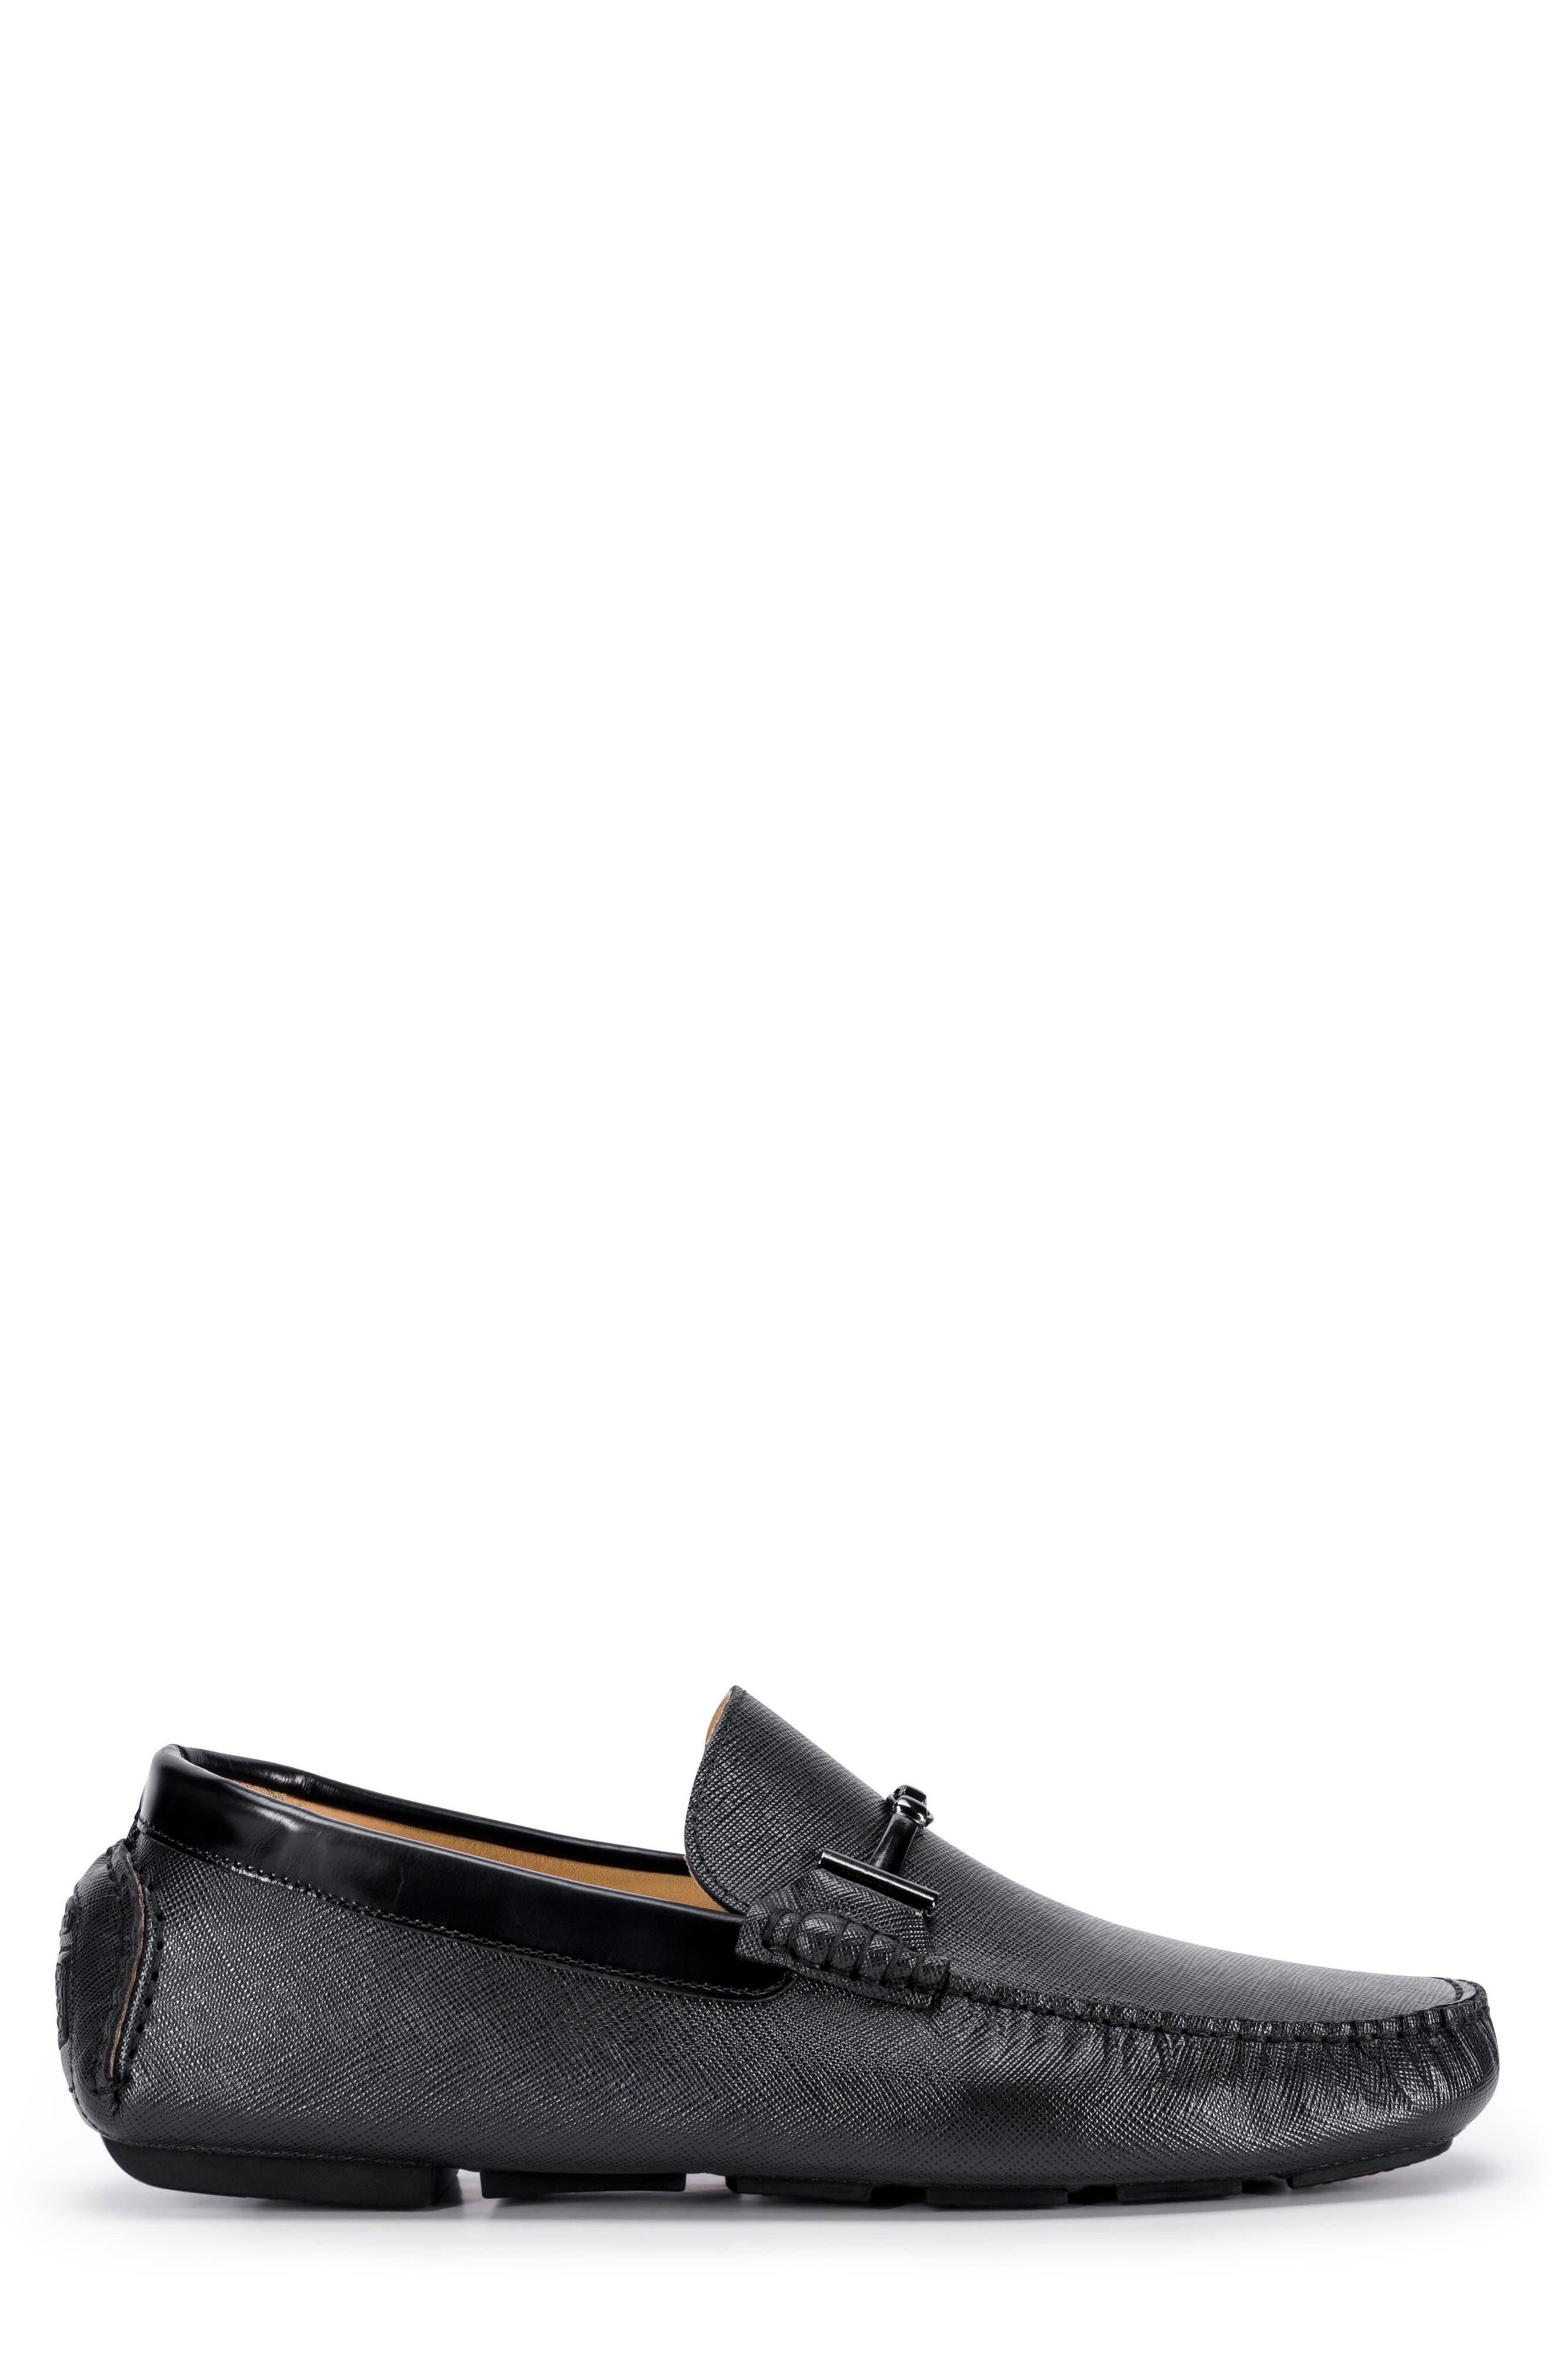 Capri Driving Shoe,                             Alternate thumbnail 3, color,                             Black